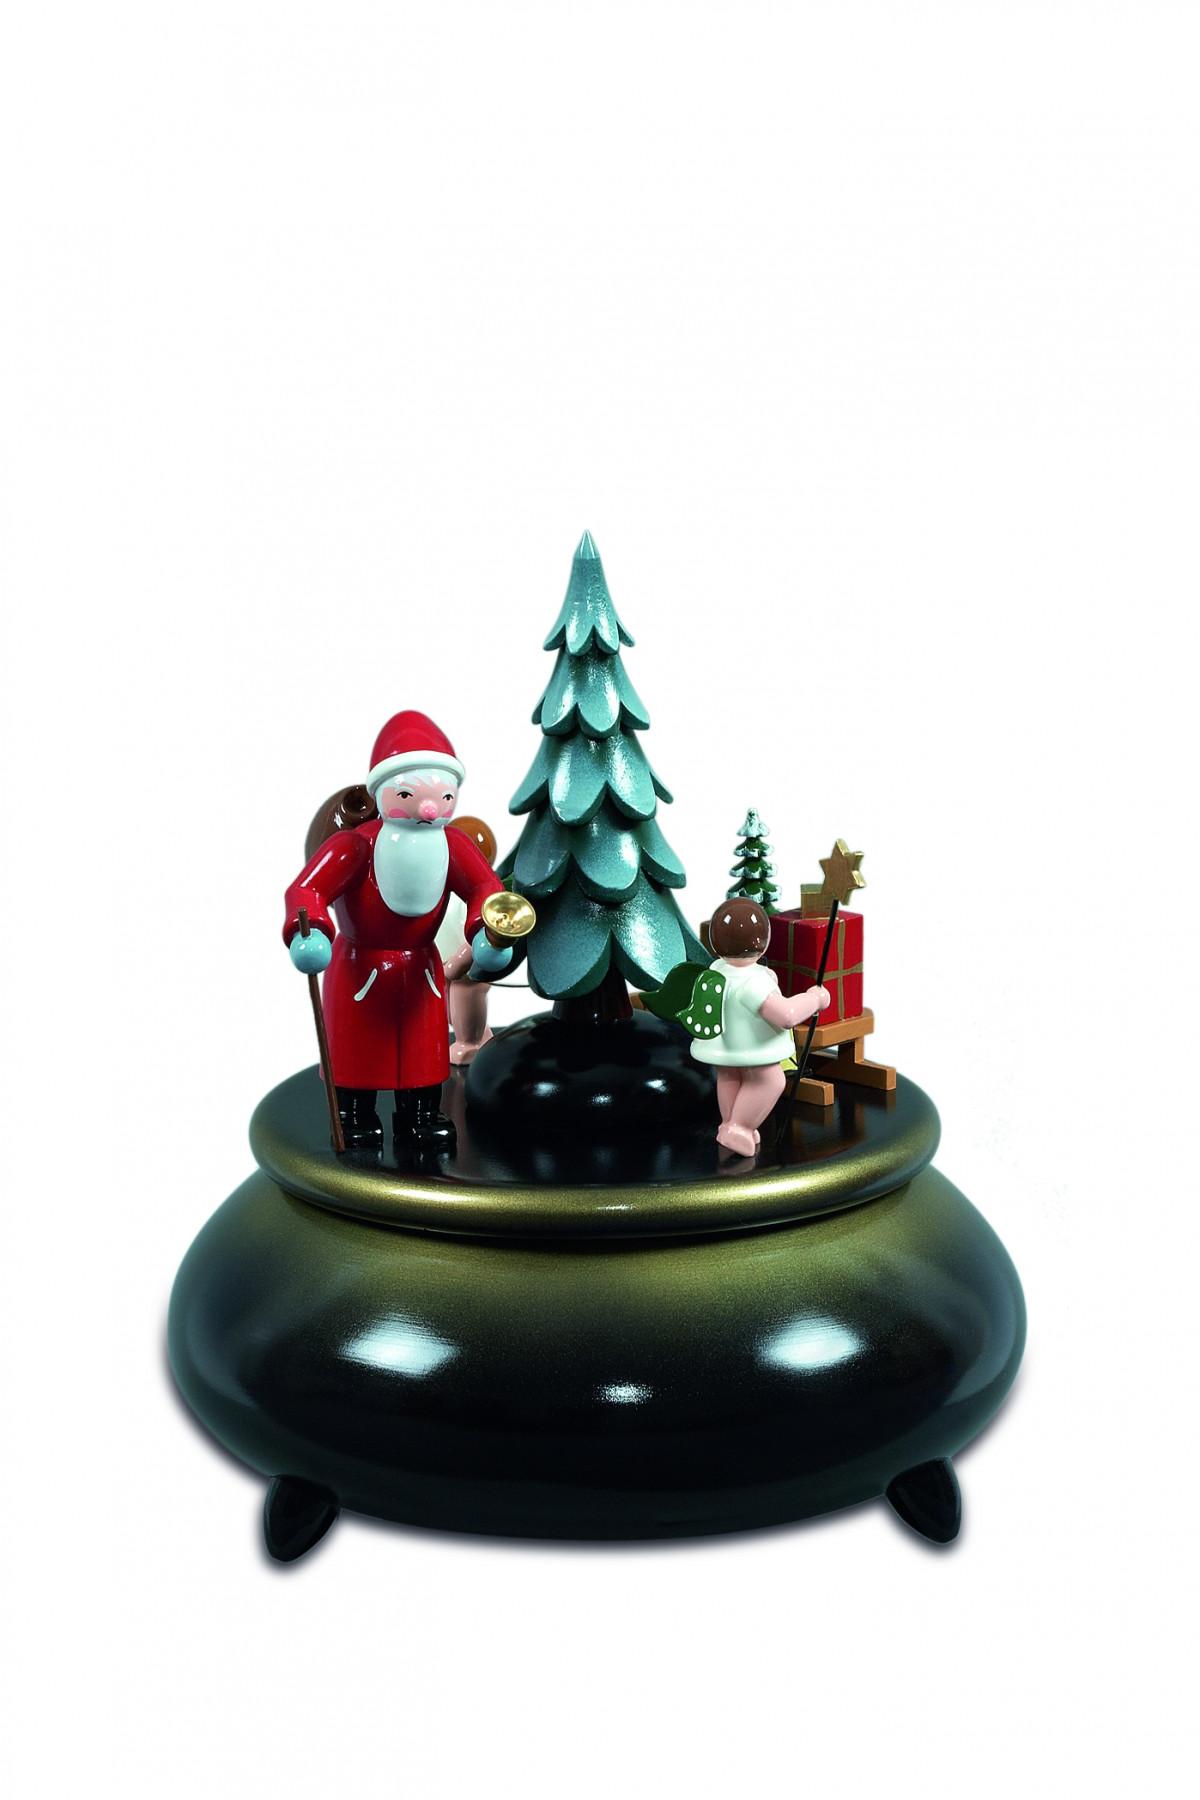 spieldose weihnachtsmann 2 engel mit schlitten blau. Black Bedroom Furniture Sets. Home Design Ideas